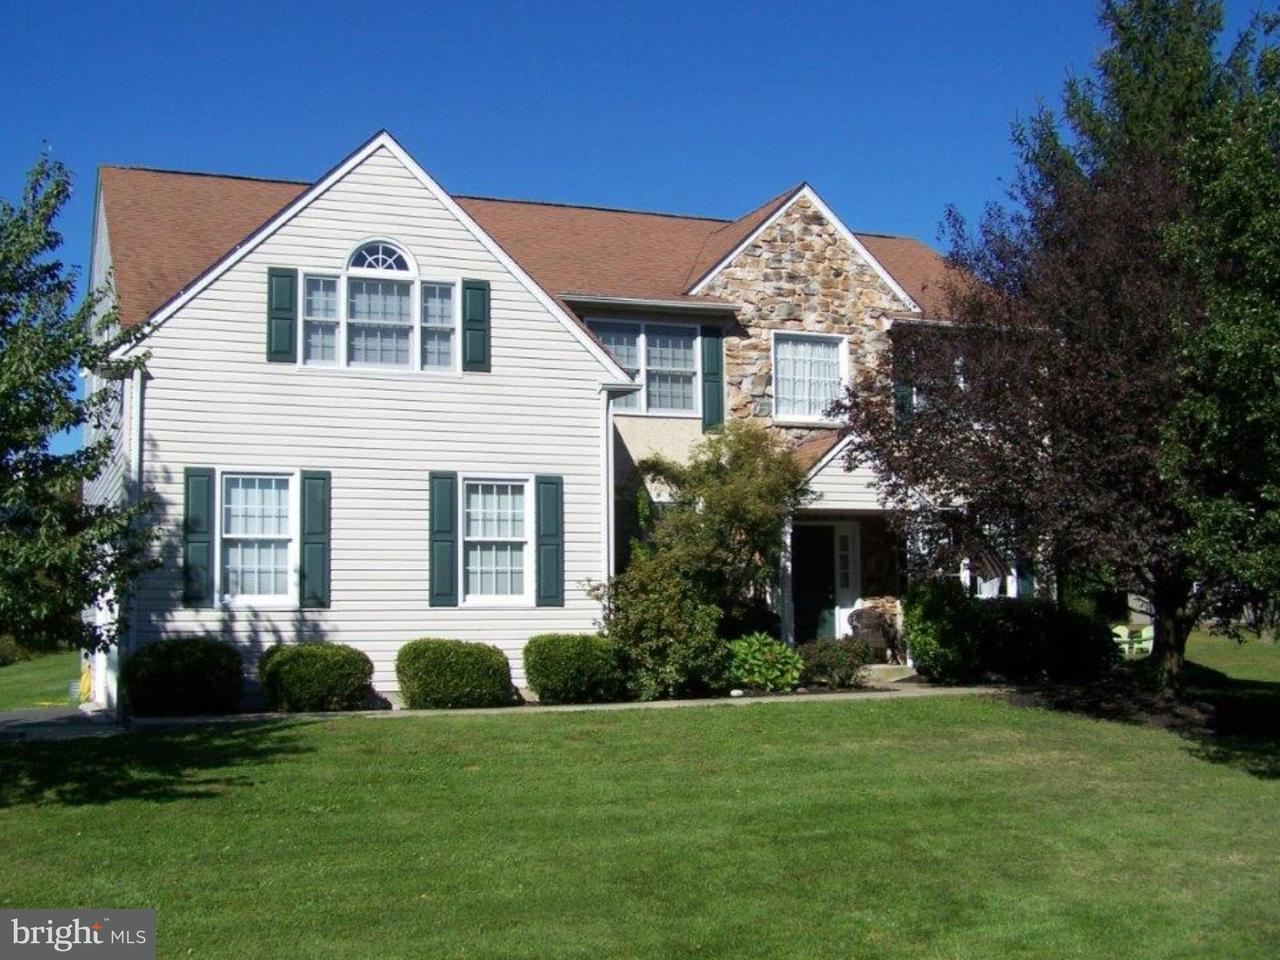 独户住宅 为 销售 在 5 VOUDY Road Telford, 宾夕法尼亚州 18969 美国